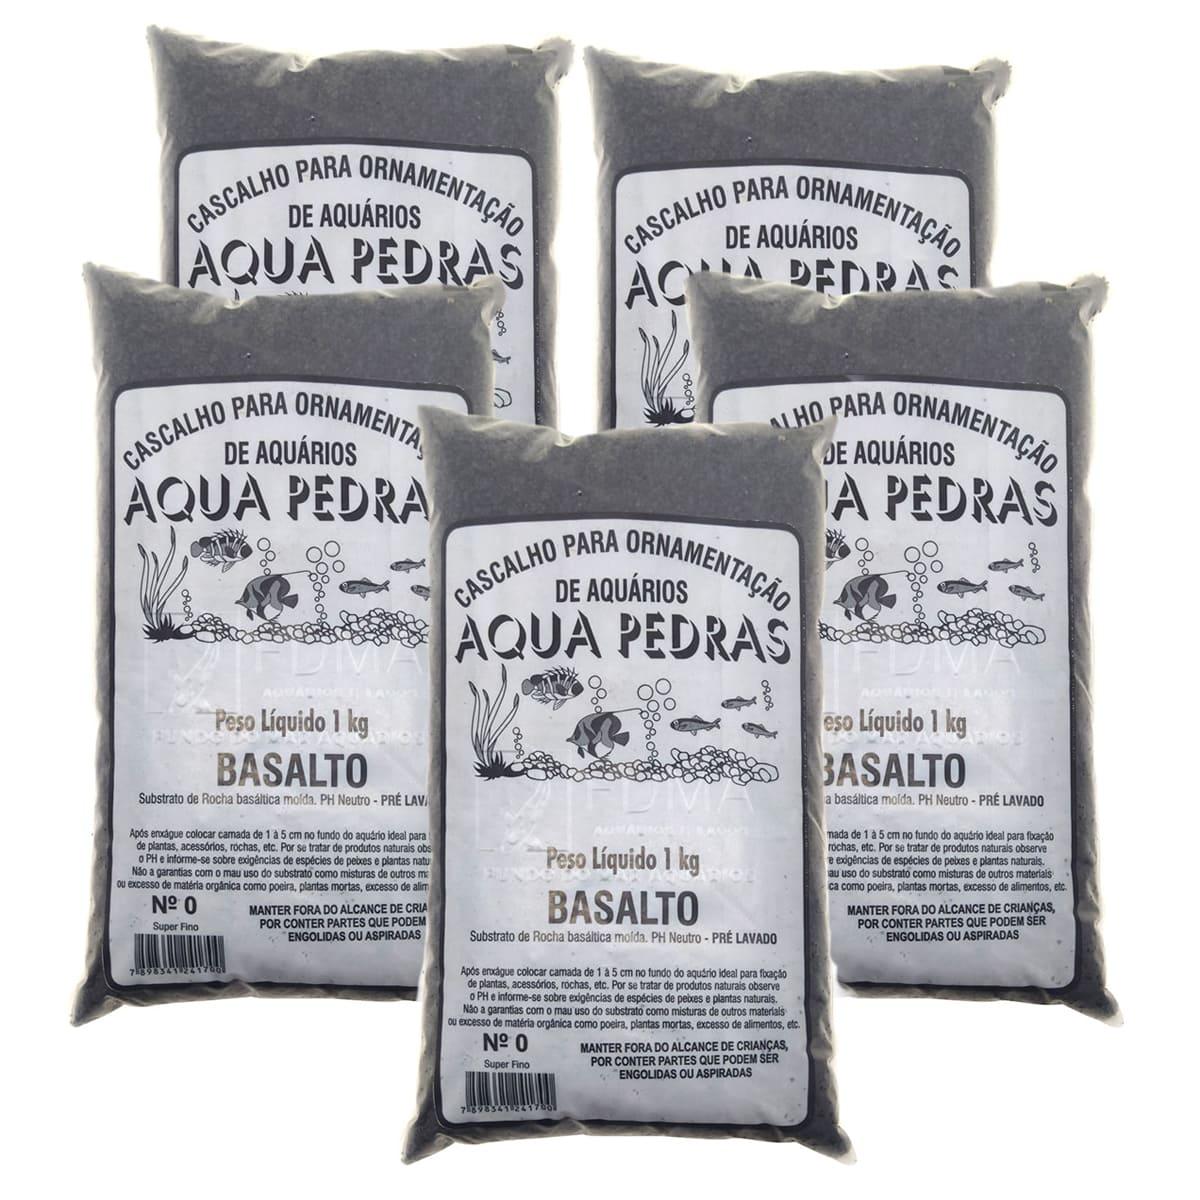 Substrato Basalto p/ Aquários e Jardins Decoração N°0 -5kg